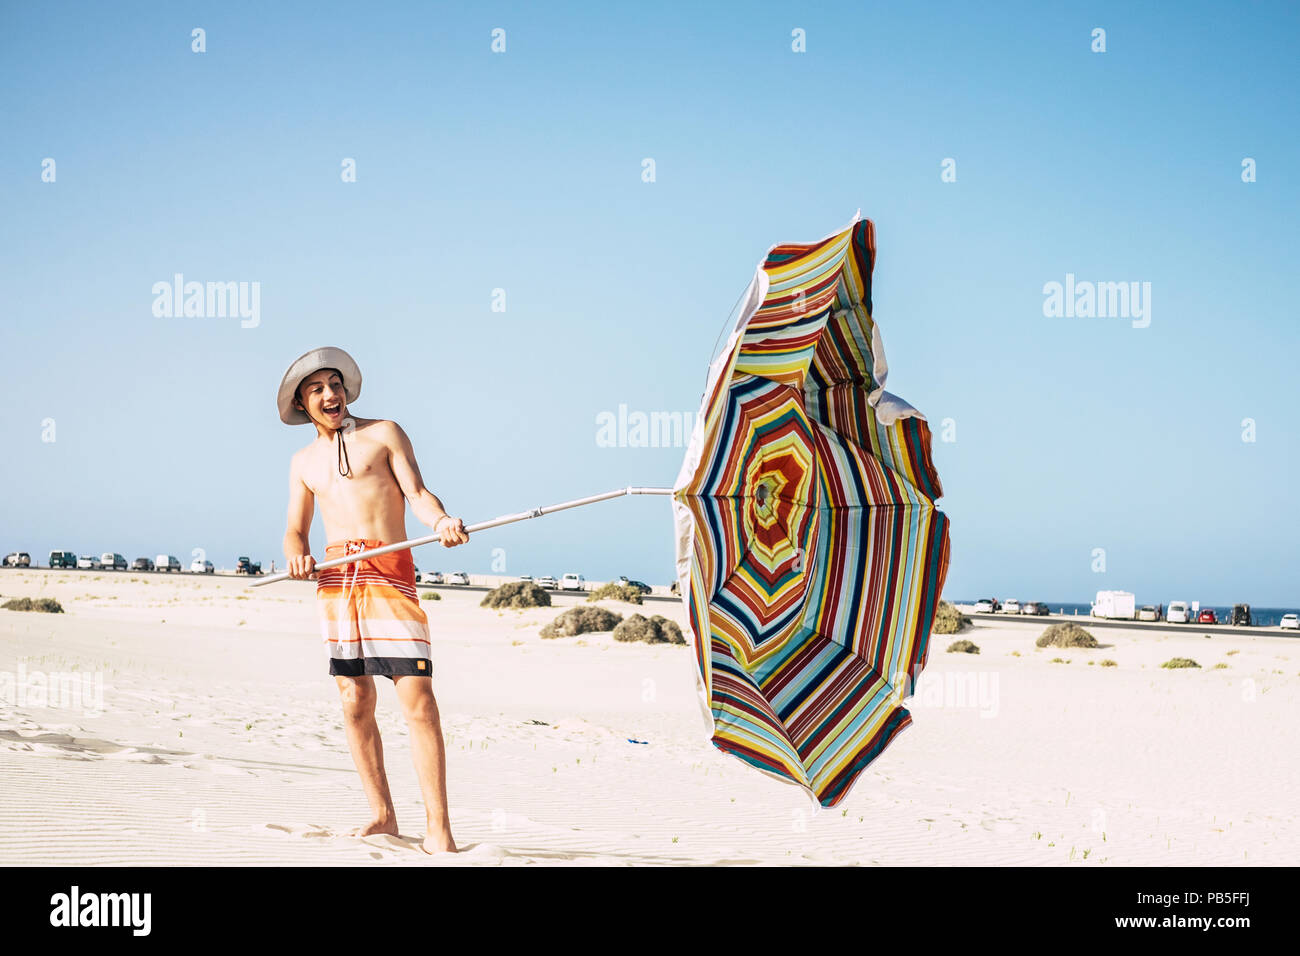 Junge männliche kaukasischen Teenager spielen mit Regenschirm Sonne und Wind in einem sandigen Paradiesstrand. lächeln und Spaß haben genießen den Urlaub und das warme Wetter Stockbild